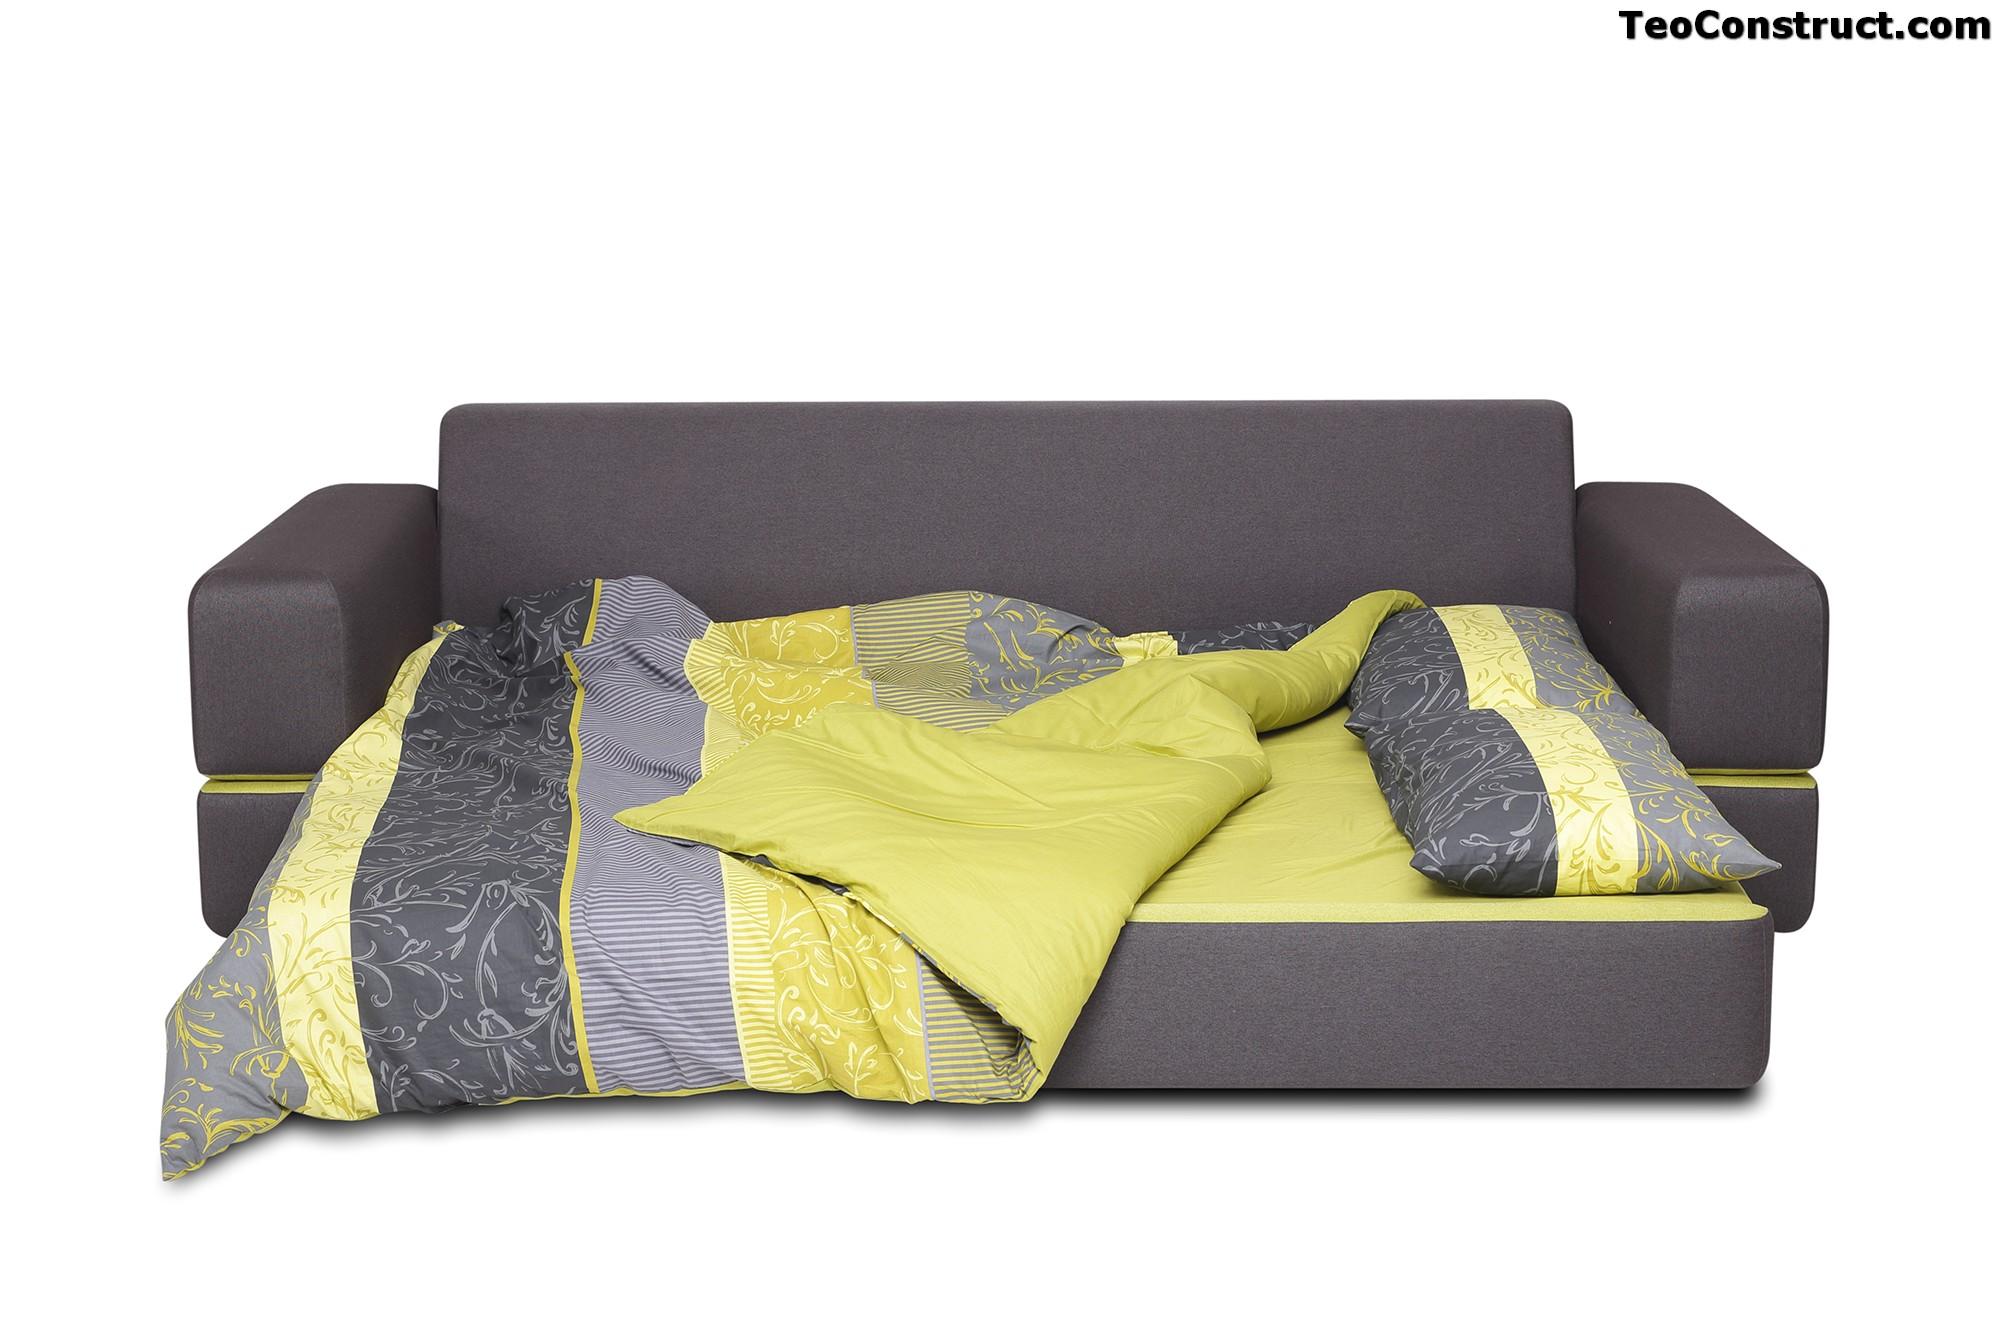 Canapea Open de calitate superioare10